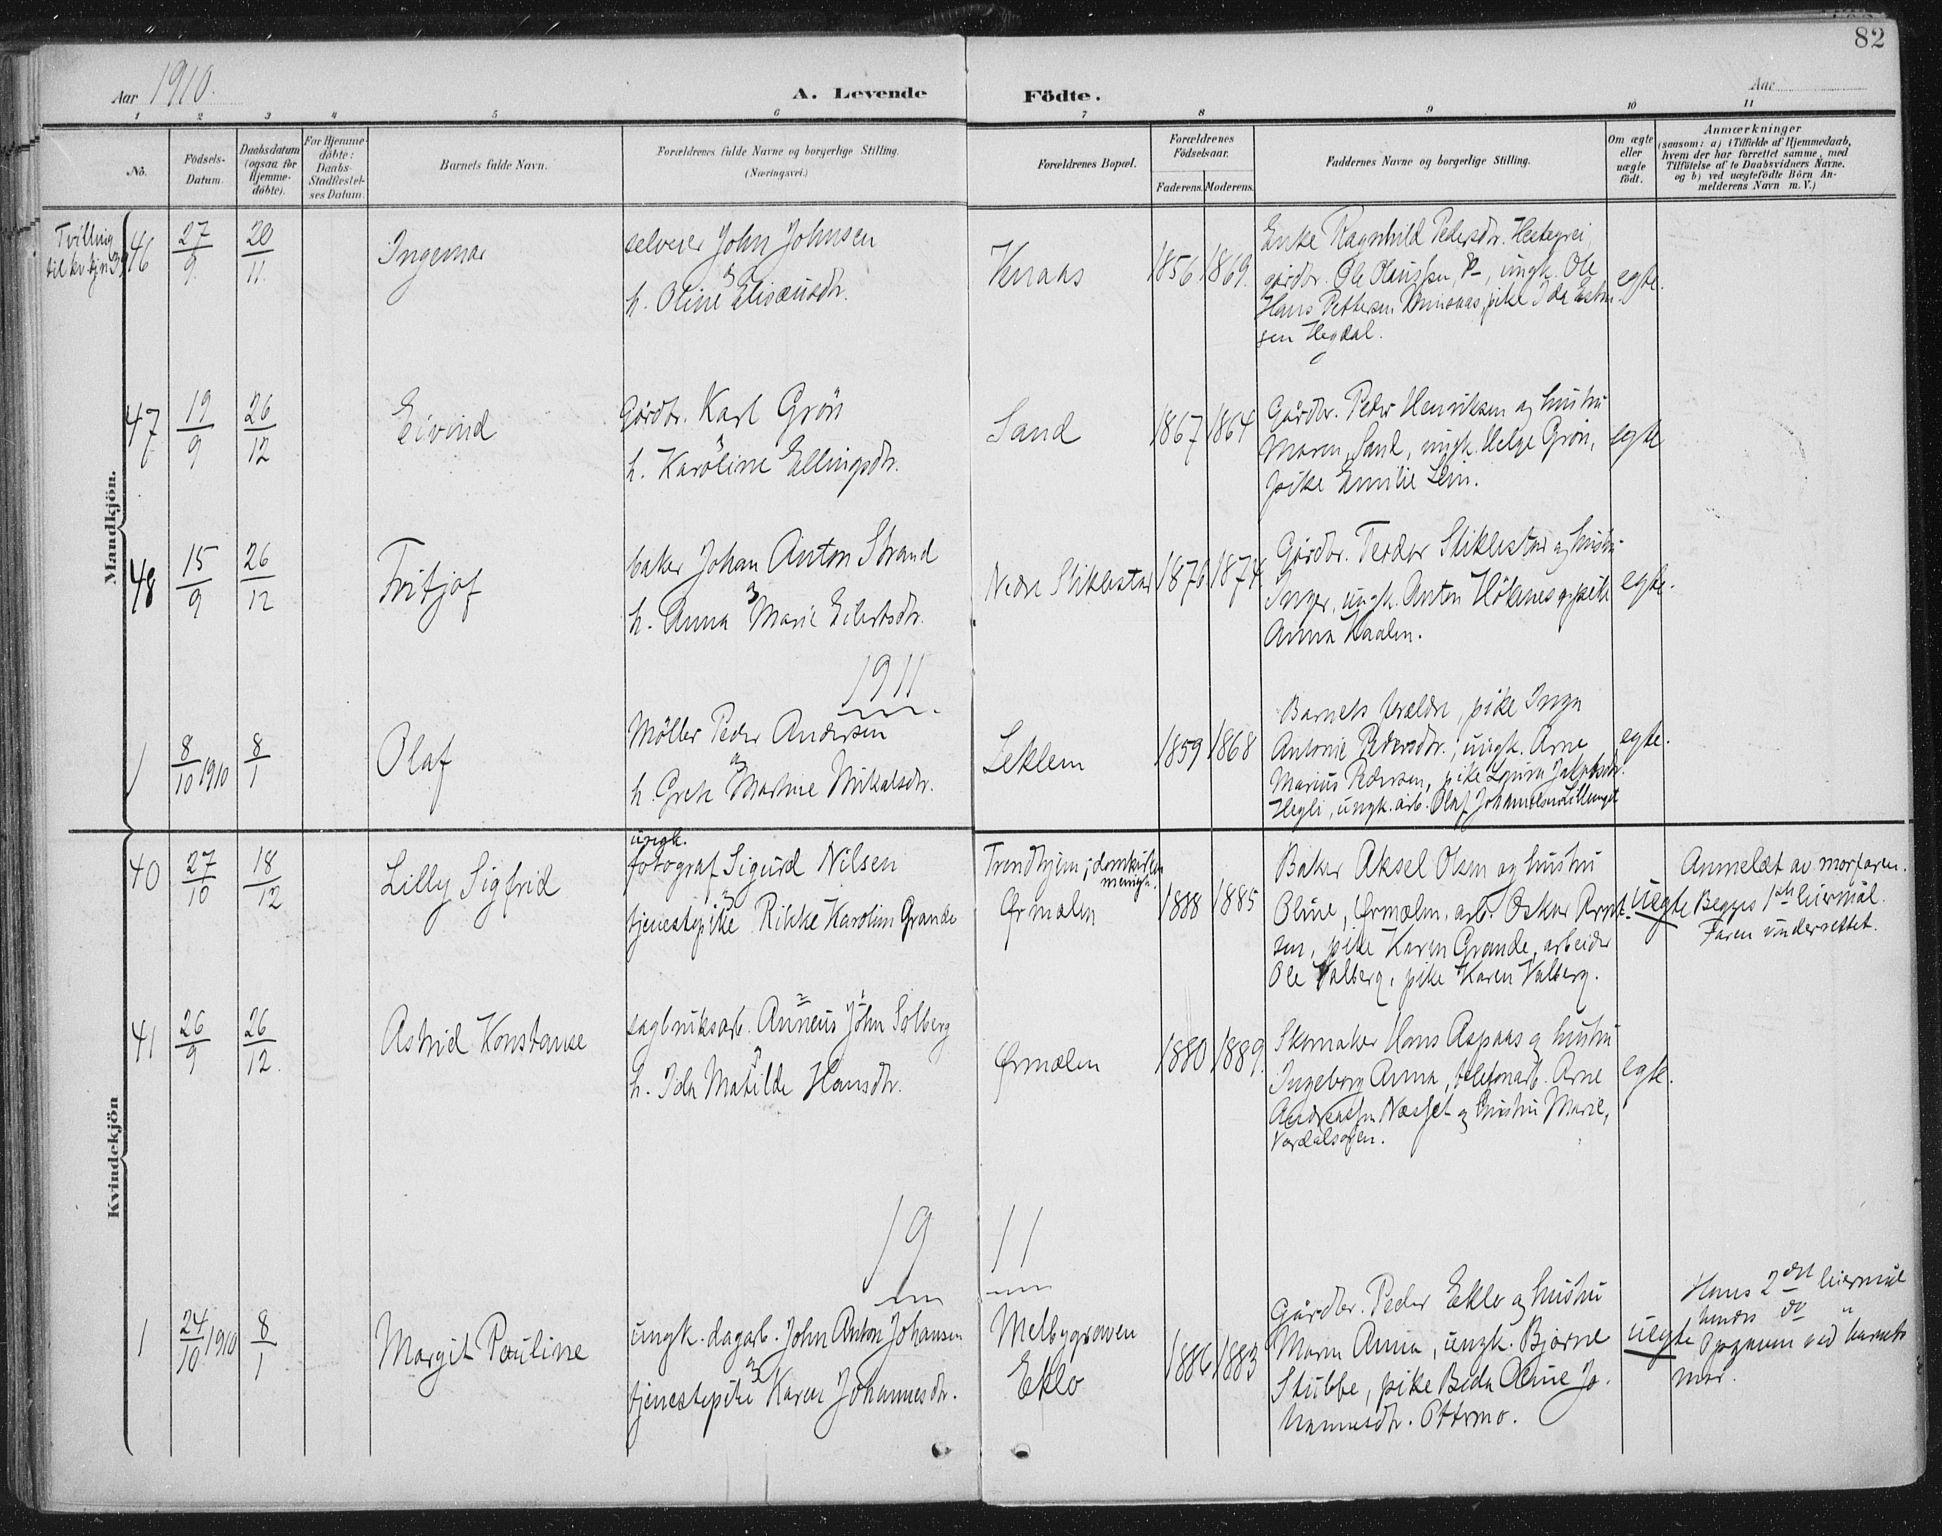 SAT, Ministerialprotokoller, klokkerbøker og fødselsregistre - Nord-Trøndelag, 723/L0246: Ministerialbok nr. 723A15, 1900-1917, s. 82